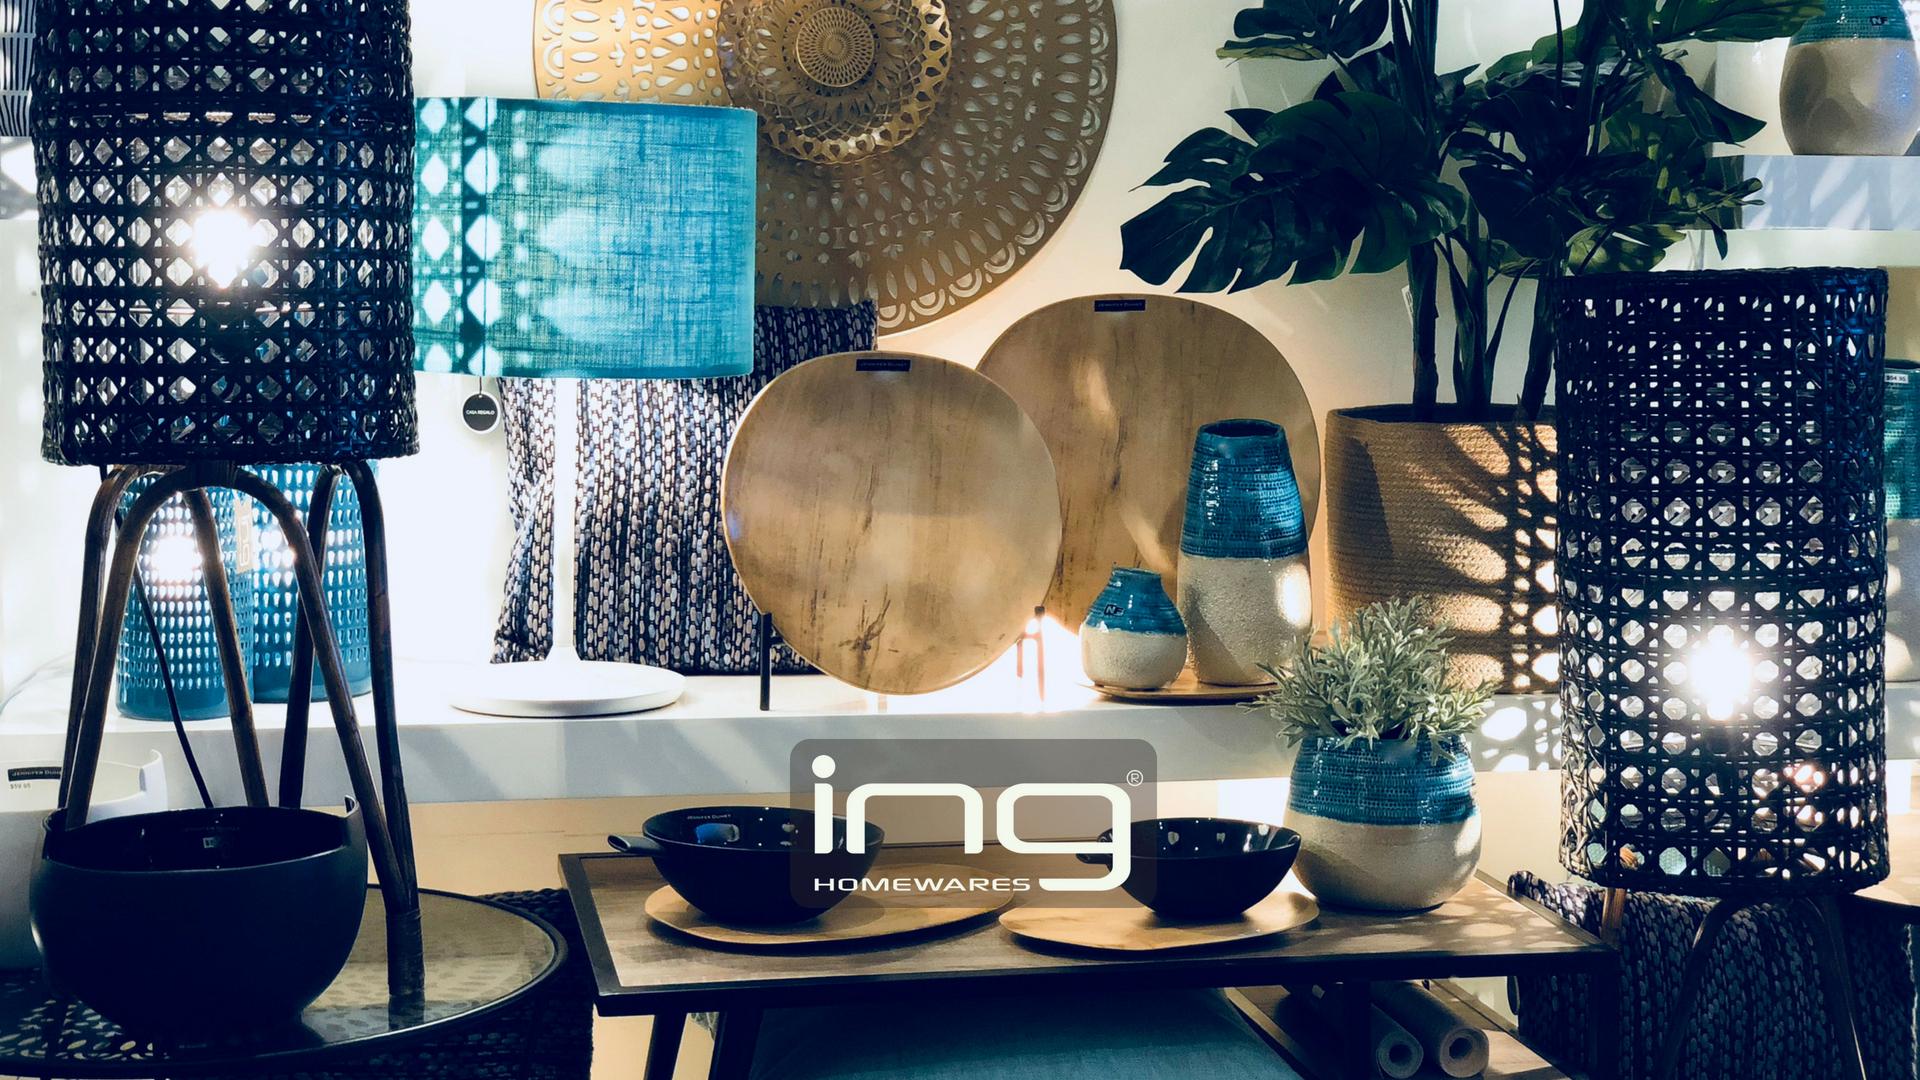 Ing Homewares